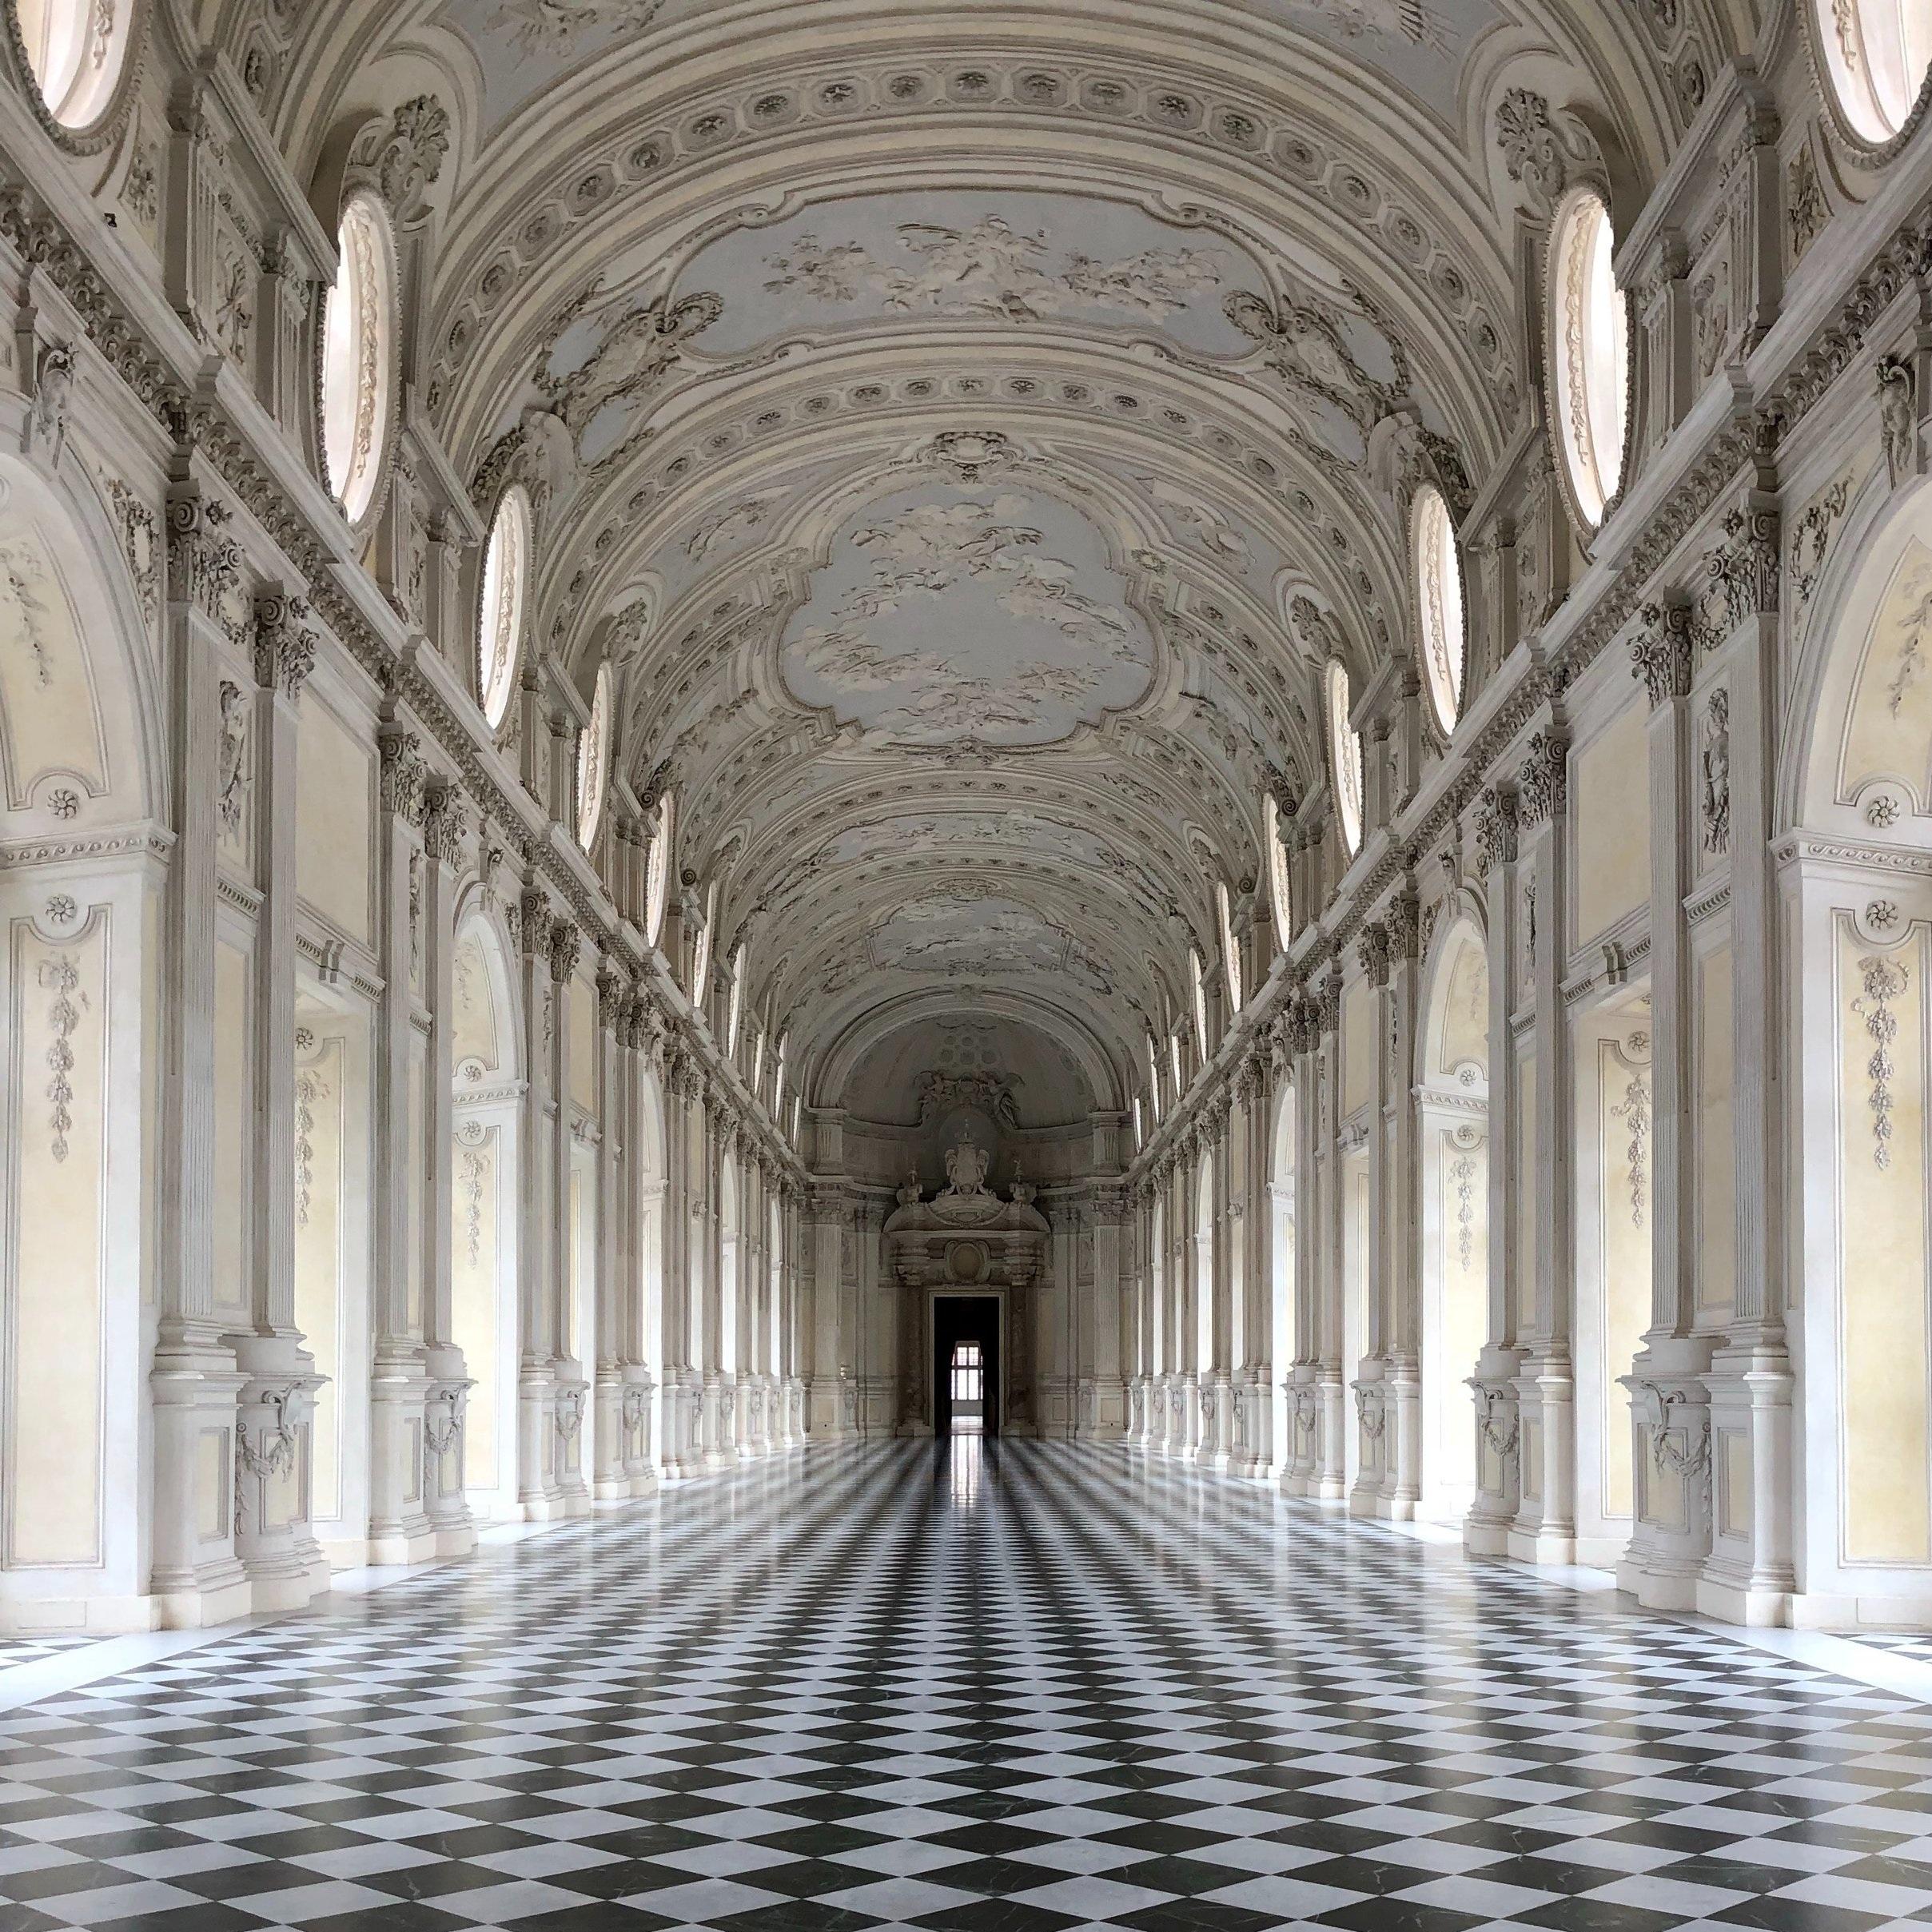 arcade-arch-architectural-design-2681405.jpg